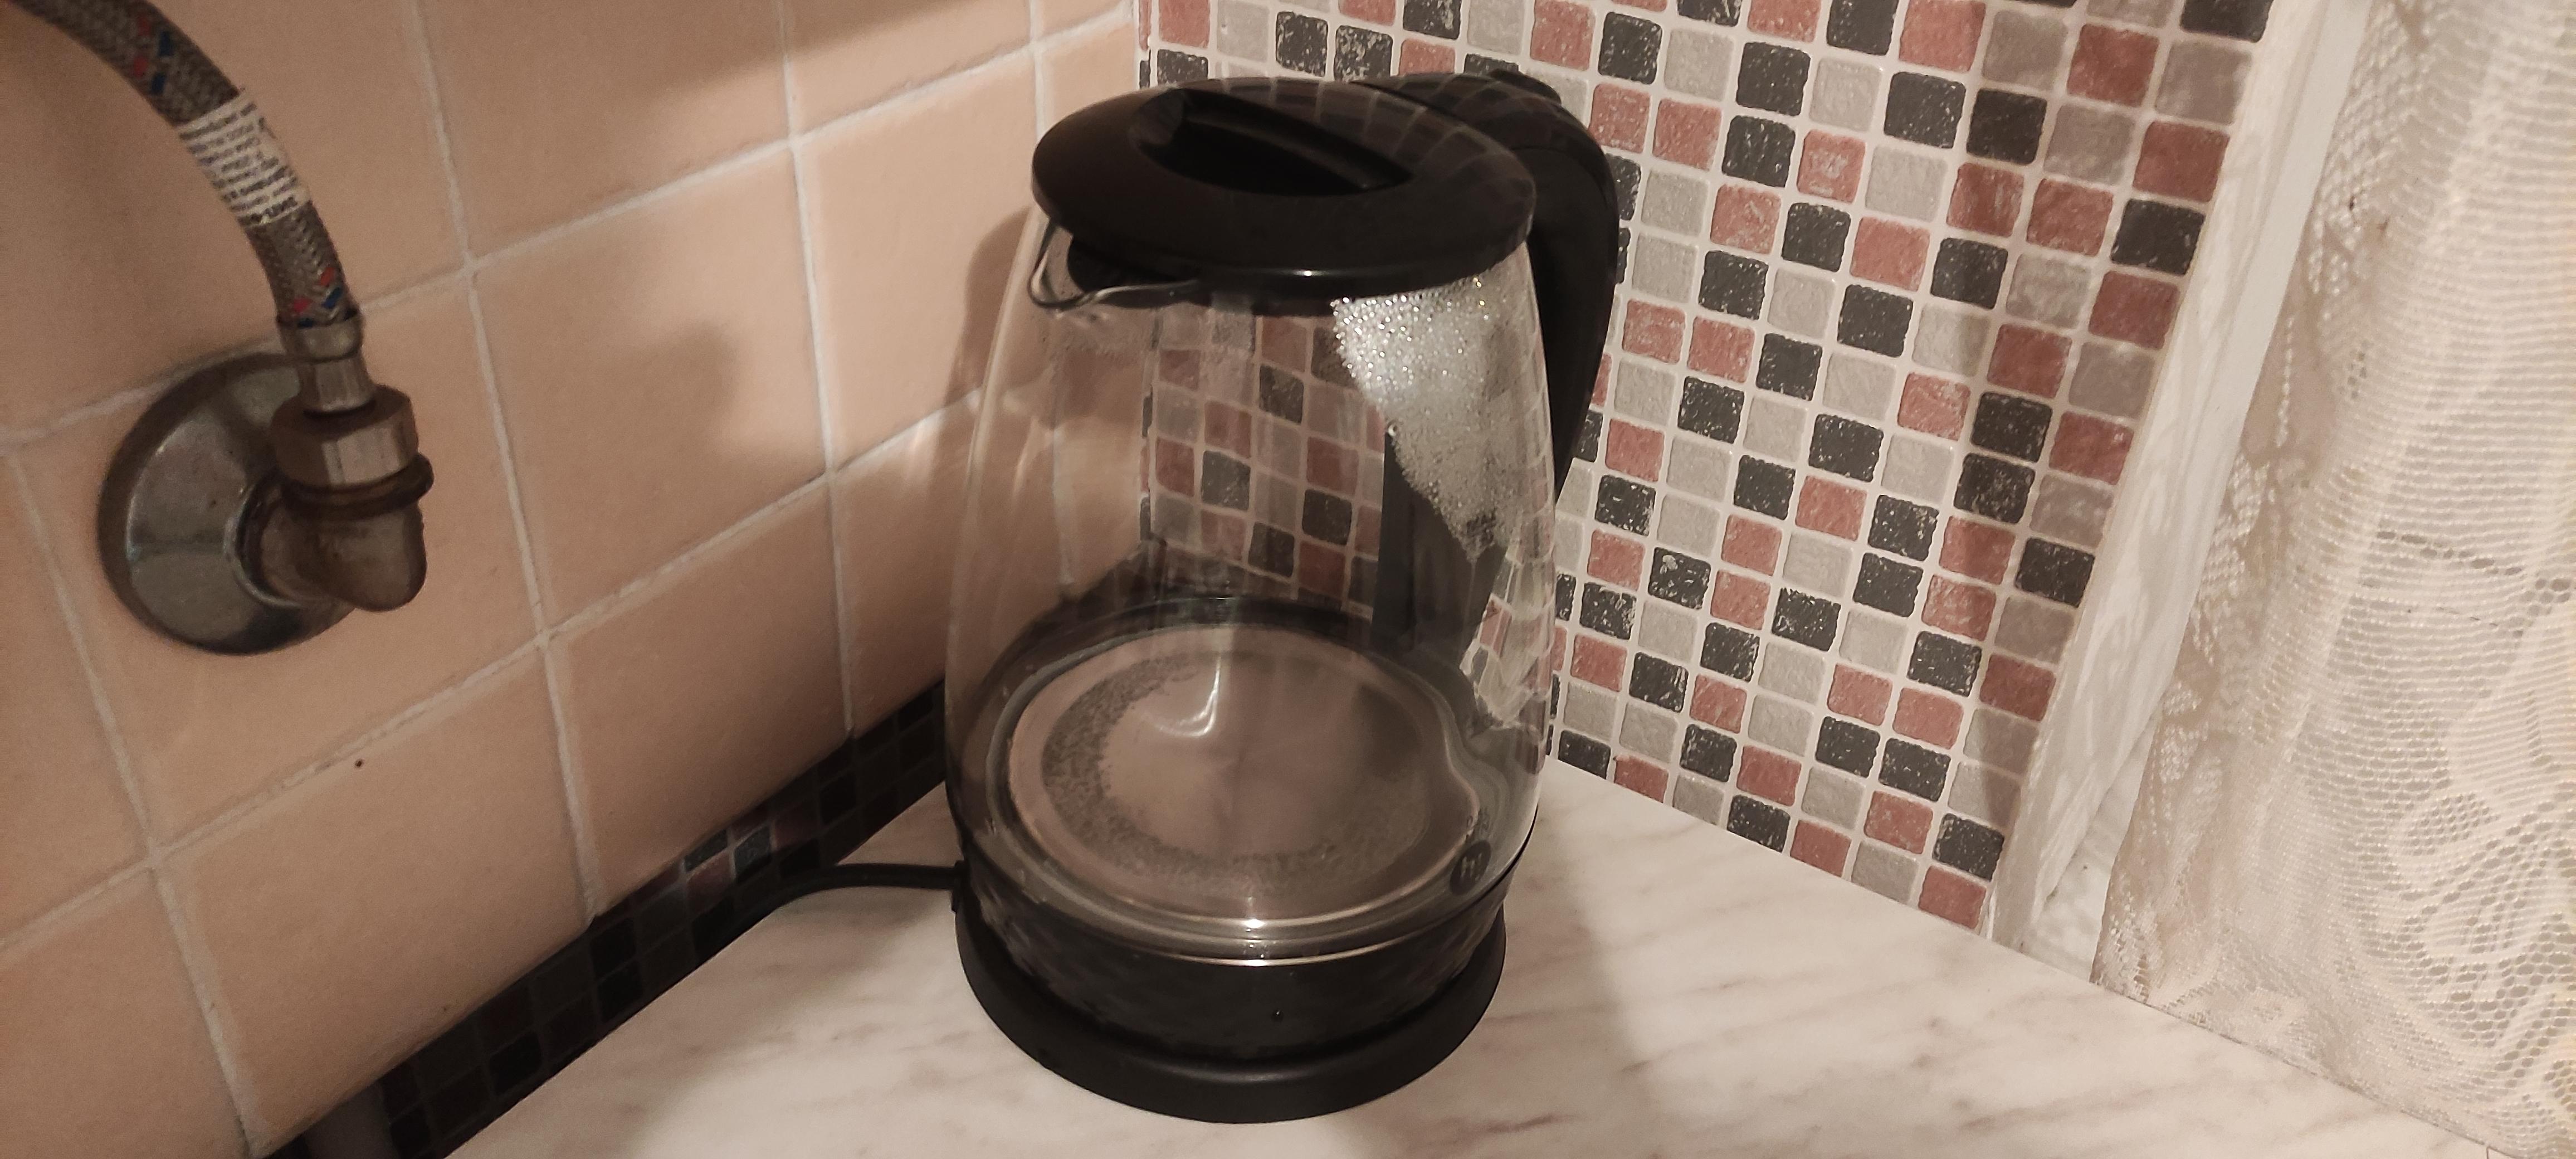 Обзор чайника Hi EK-18G15